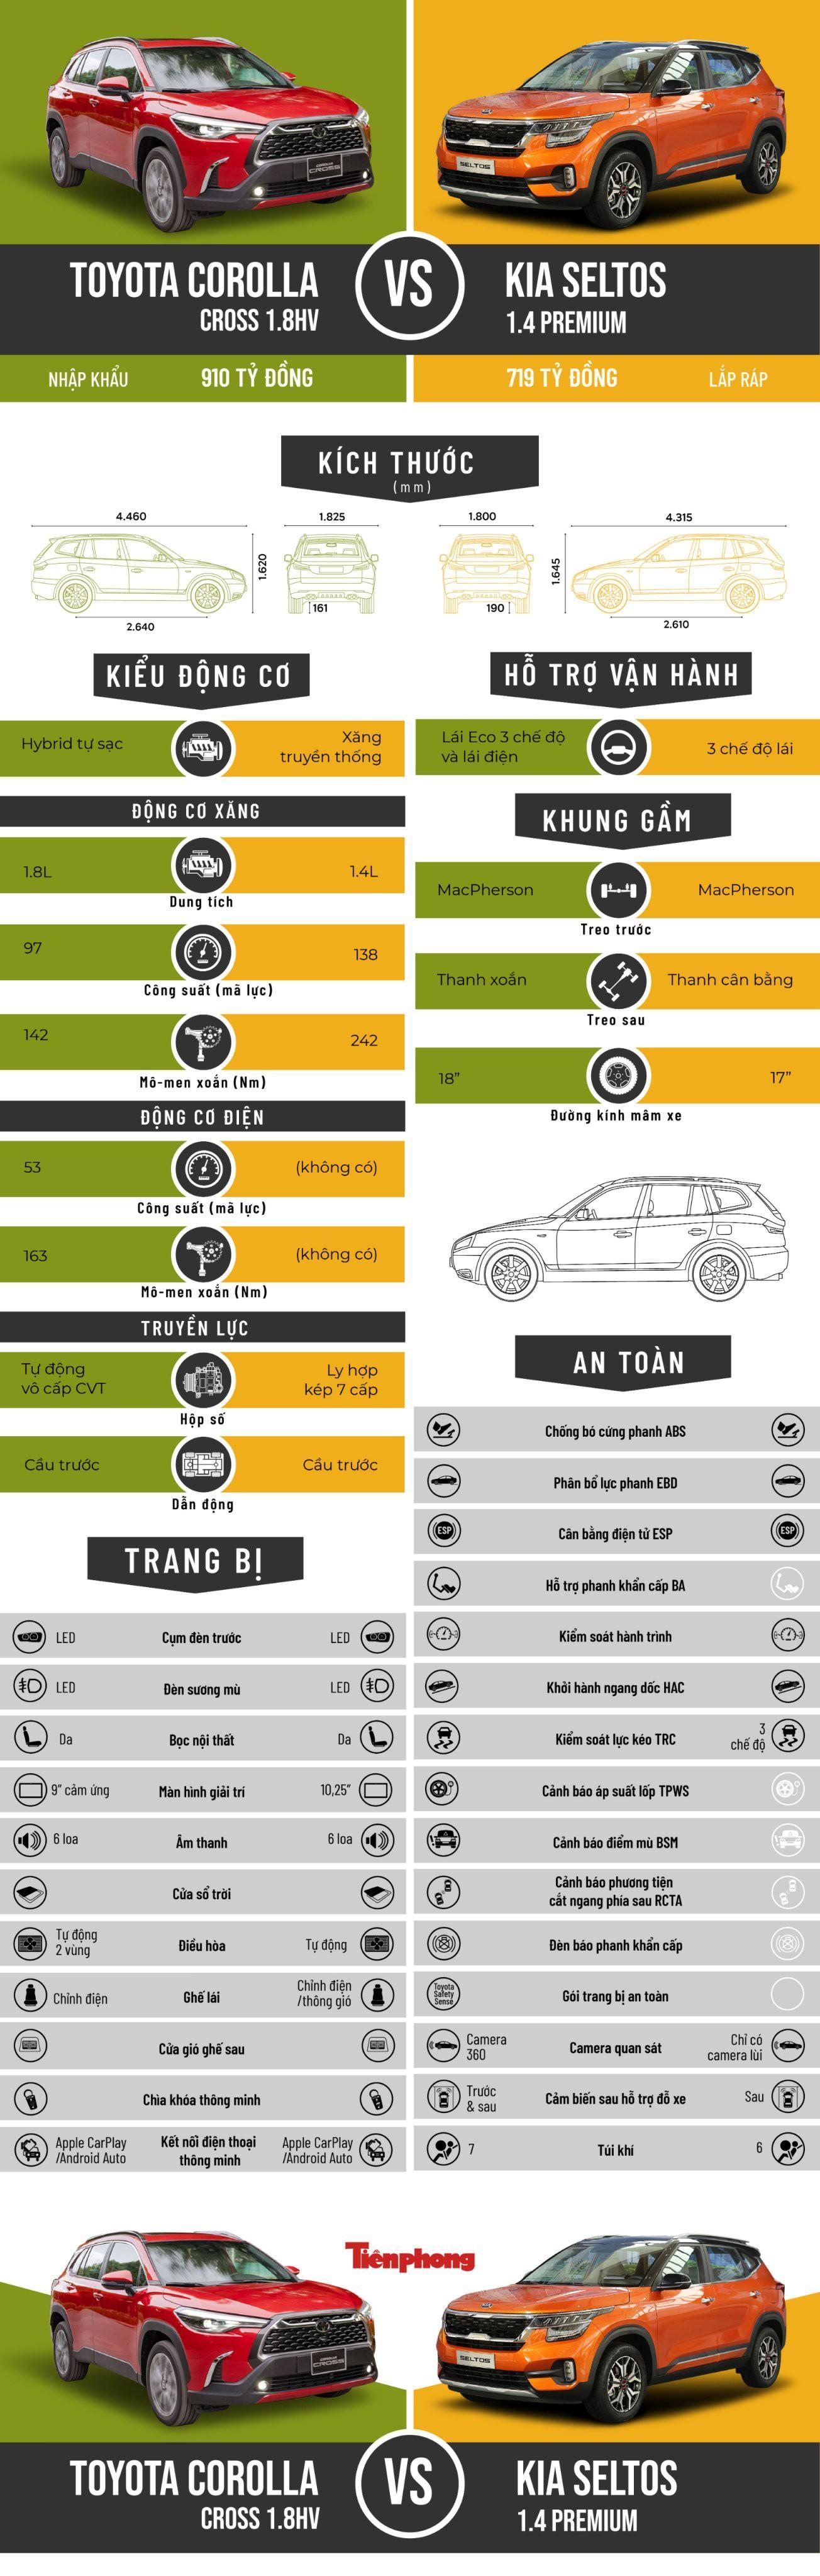 So găng 2 bản cao nhất của Toyota Corolla Cross và Kia Seltos Ảnh 1